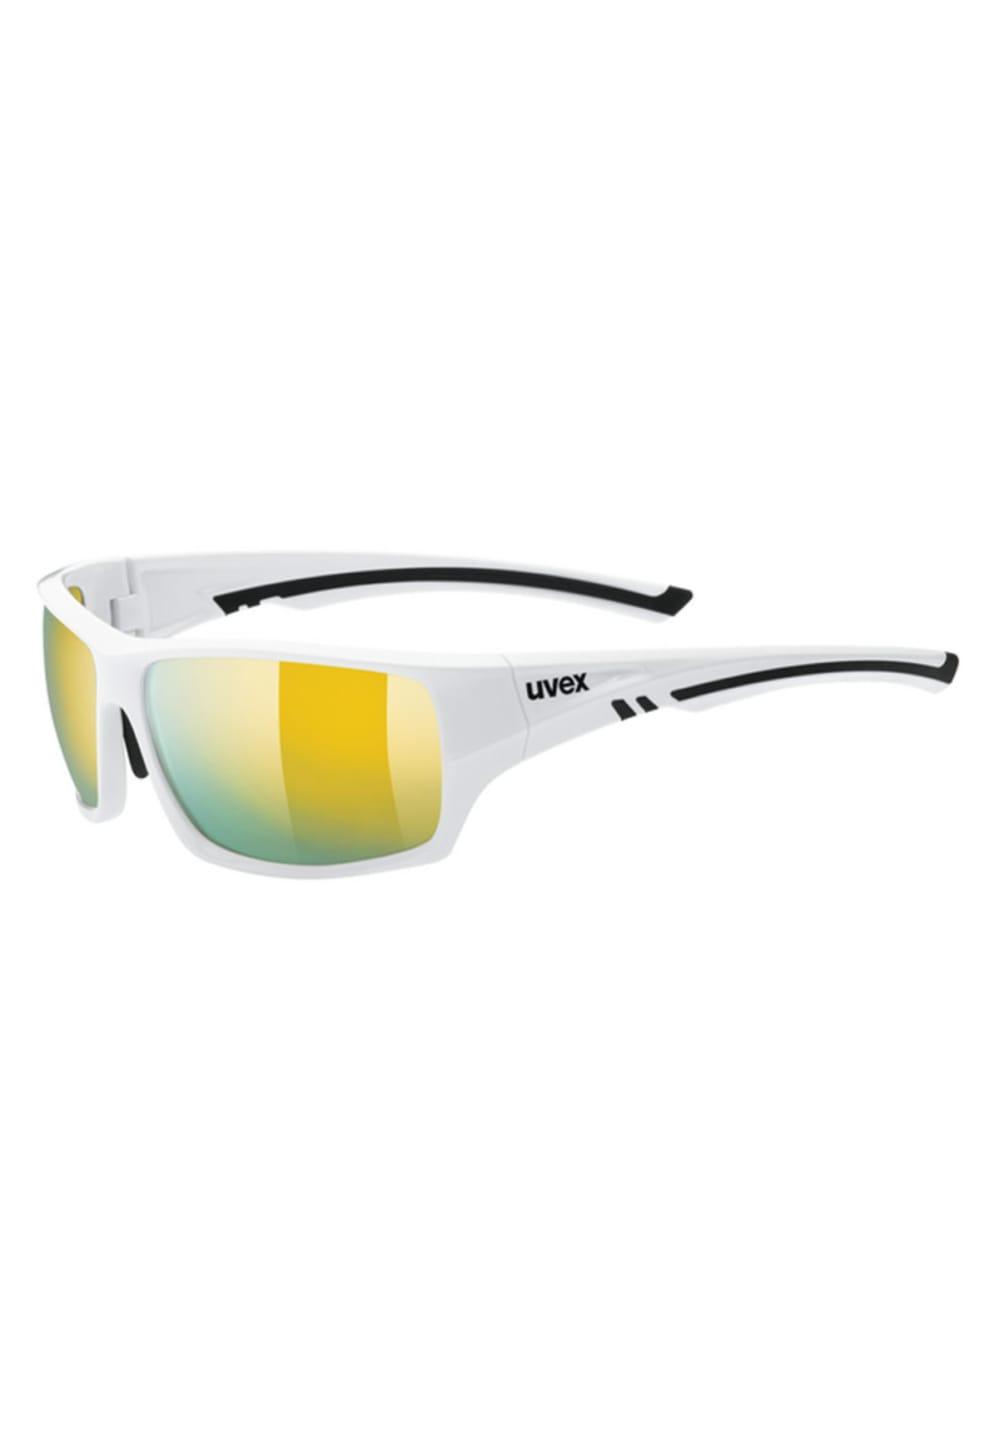 Uvex Sportstyle 222 Pola Sportbrillen - Weiß, Gr. One Size